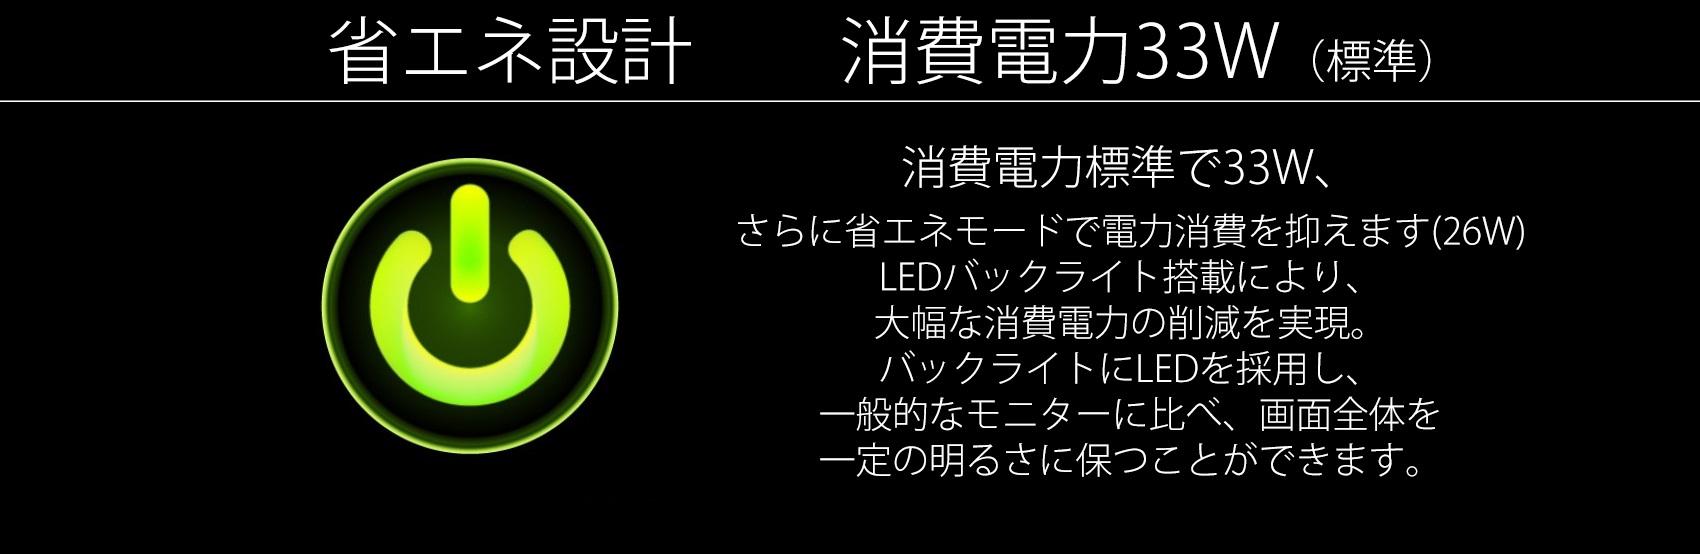 消費電力標準で33W、 LEDバックライト搭載により、 大幅な消費電力の削減を実現。 バックライトにLEDを採用し、 一般的なモニターに比べ、画面全体を 一定の明るさに保つことができます。